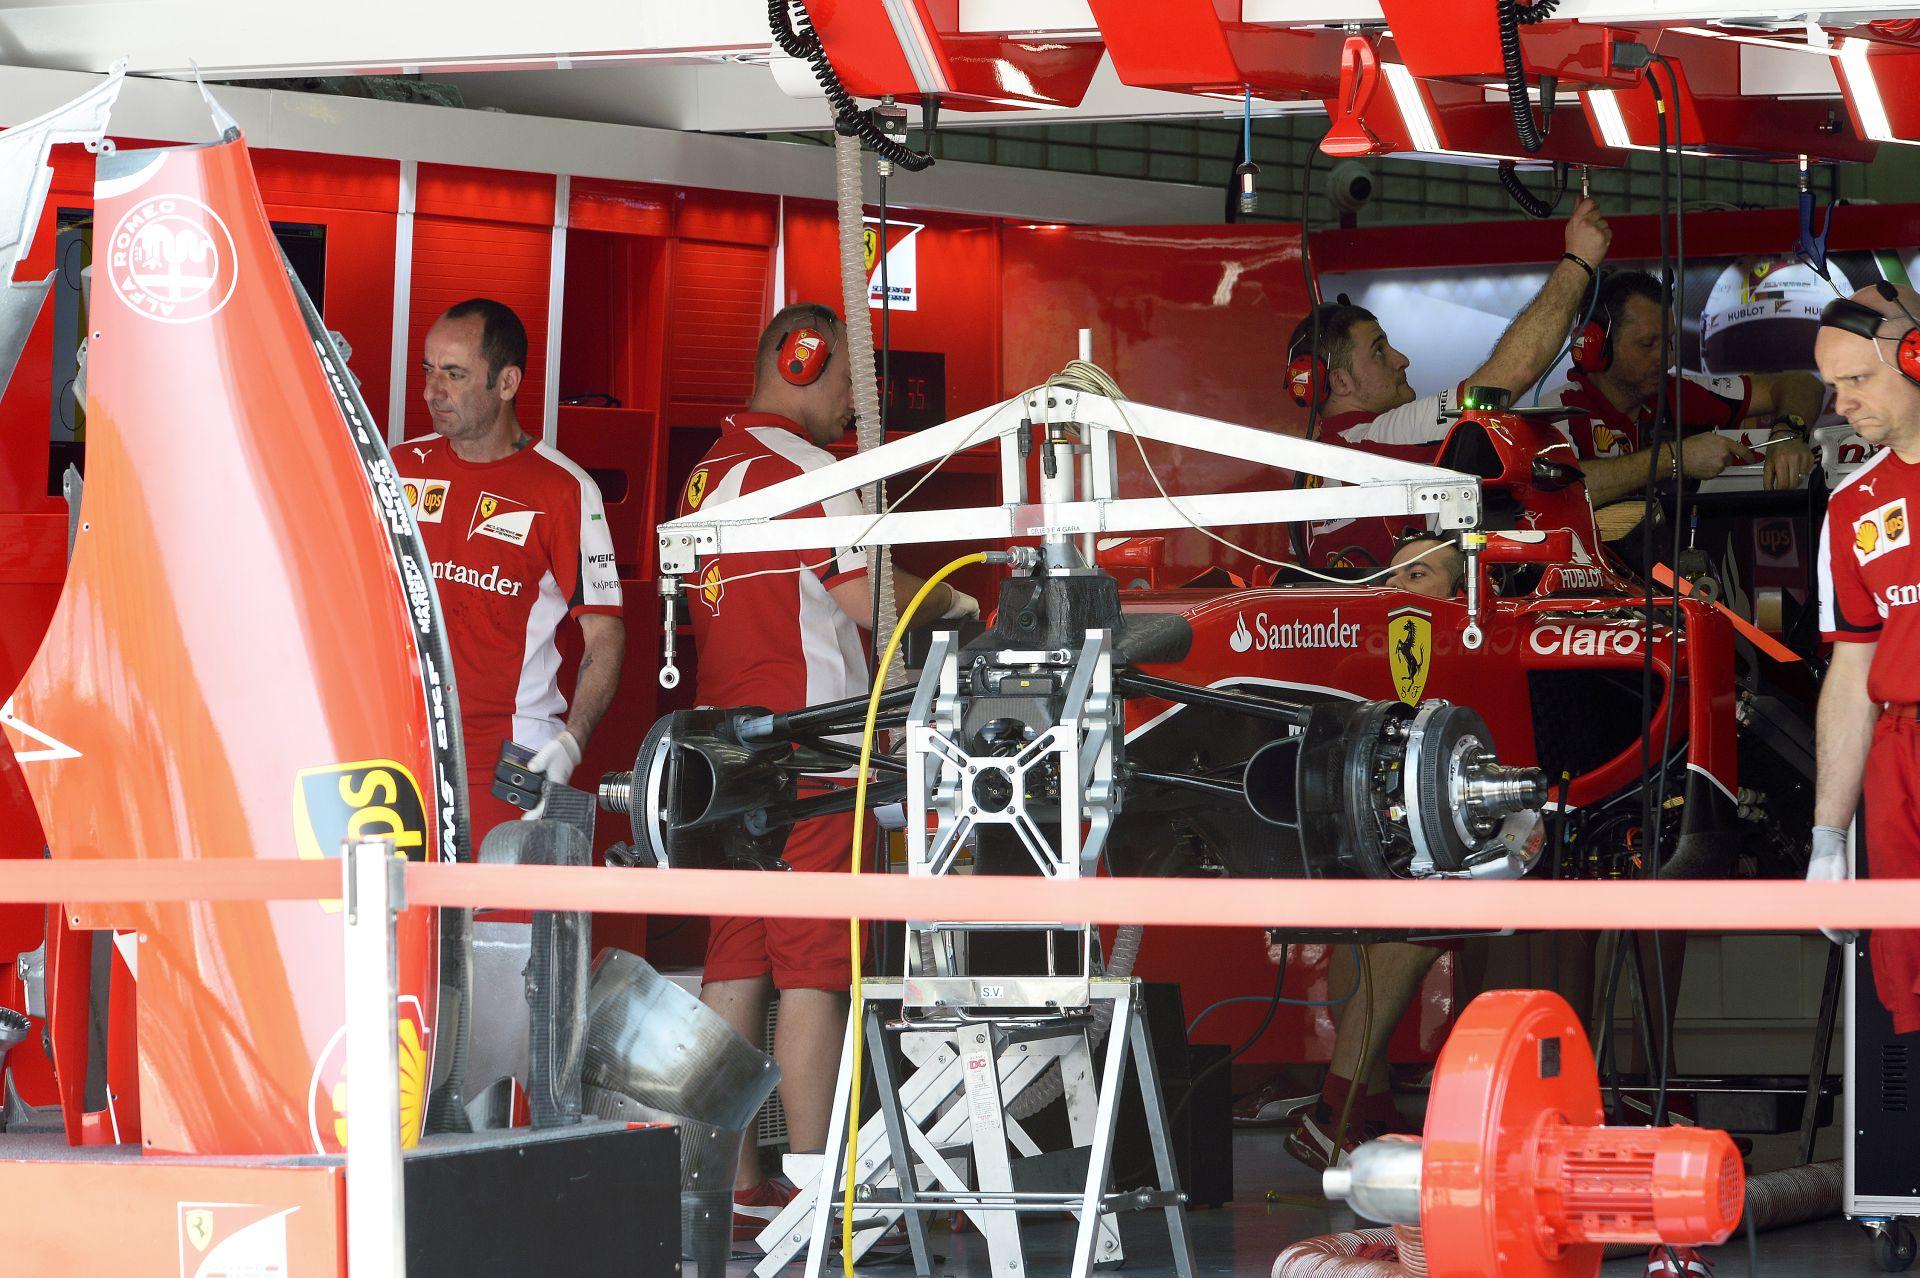 Végre magabiztos a Ferrari: Meglehetősen jónak tűnik a tempónk!